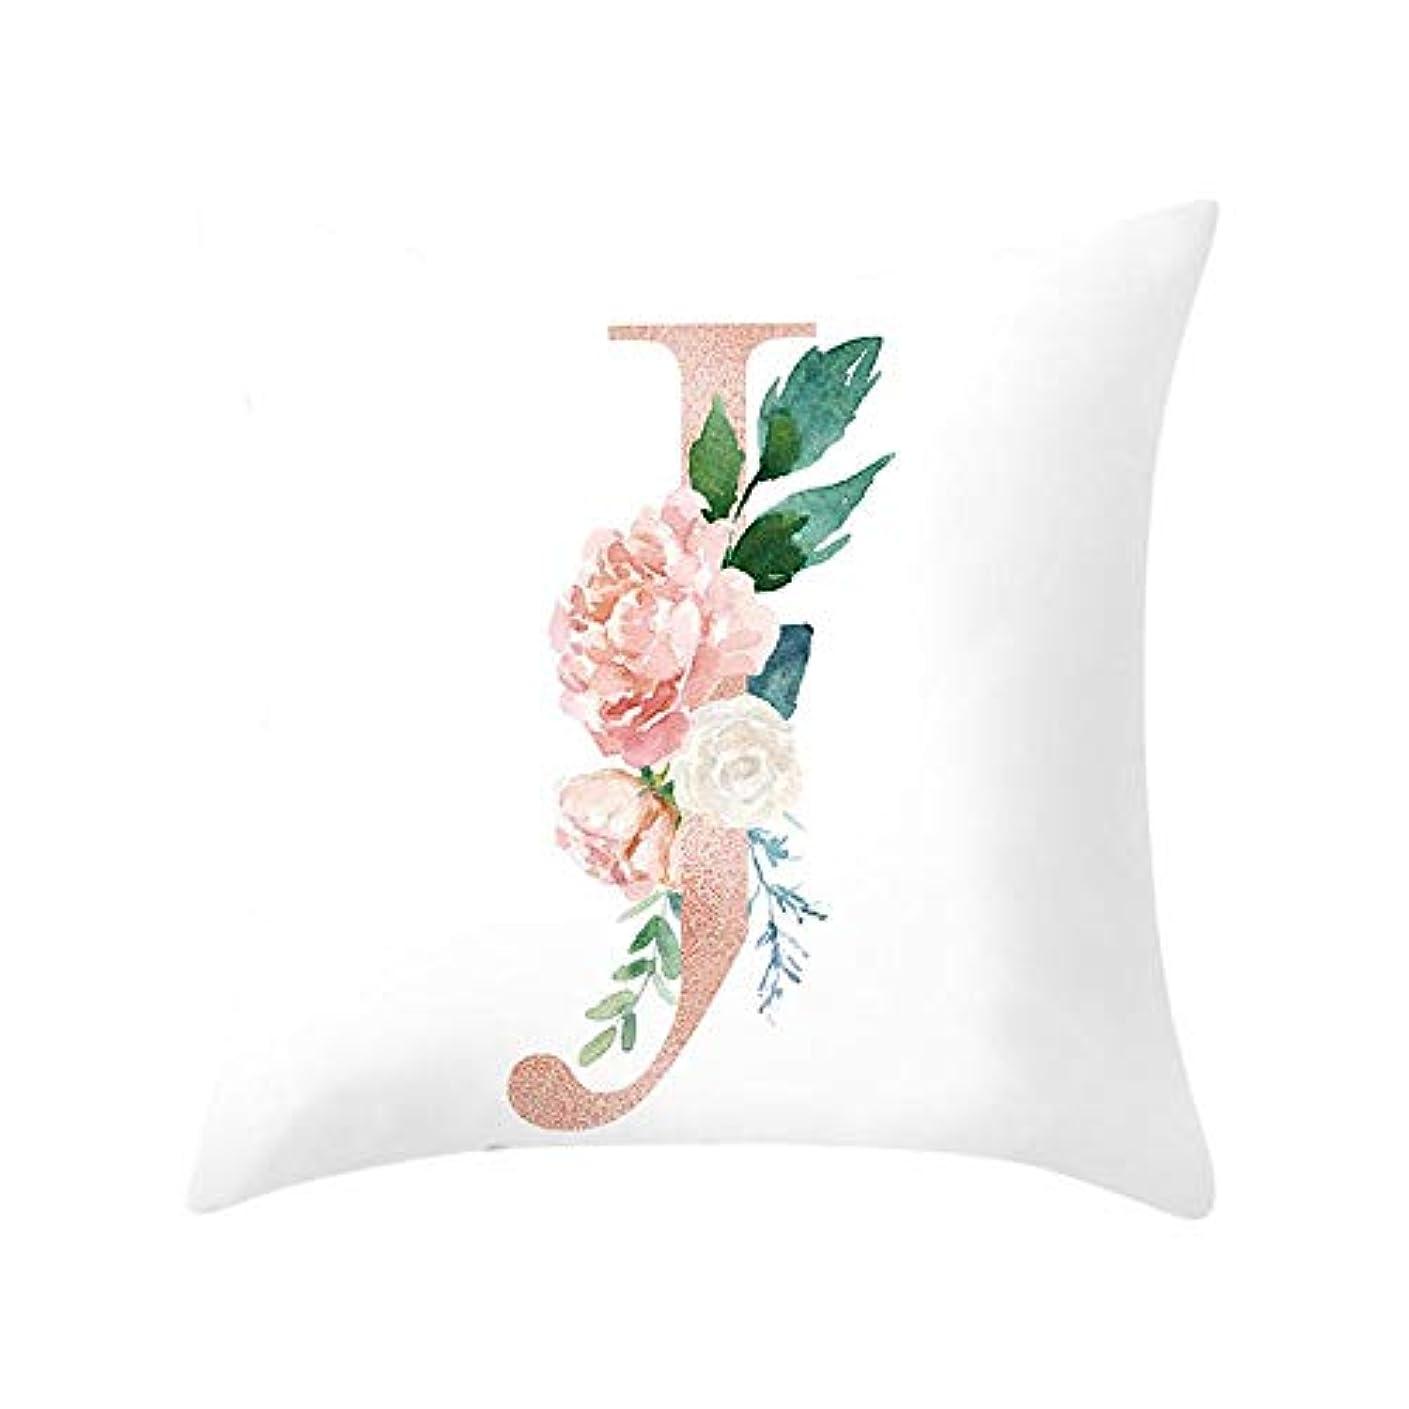 すき辛いネズミLIFE 装飾クッションソファ手紙枕アルファベットクッション印刷ソファ家の装飾の花枕 coussin decoratif クッション 椅子